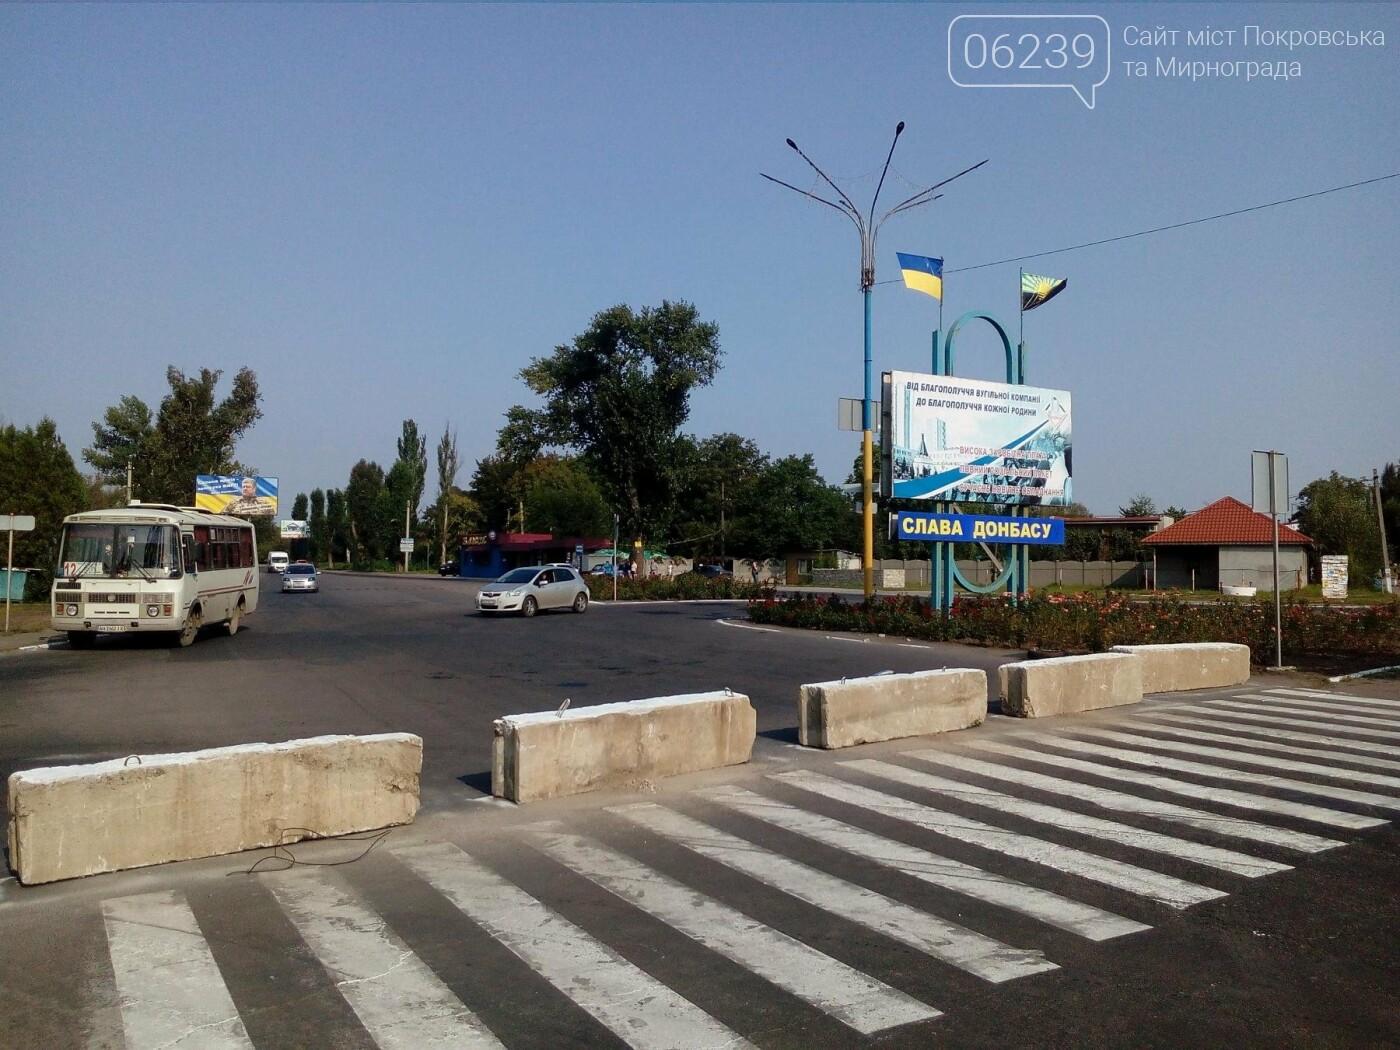 В Покровске перекрыли движение в районе кольца - по части улицы Защитников Украины, фото-3